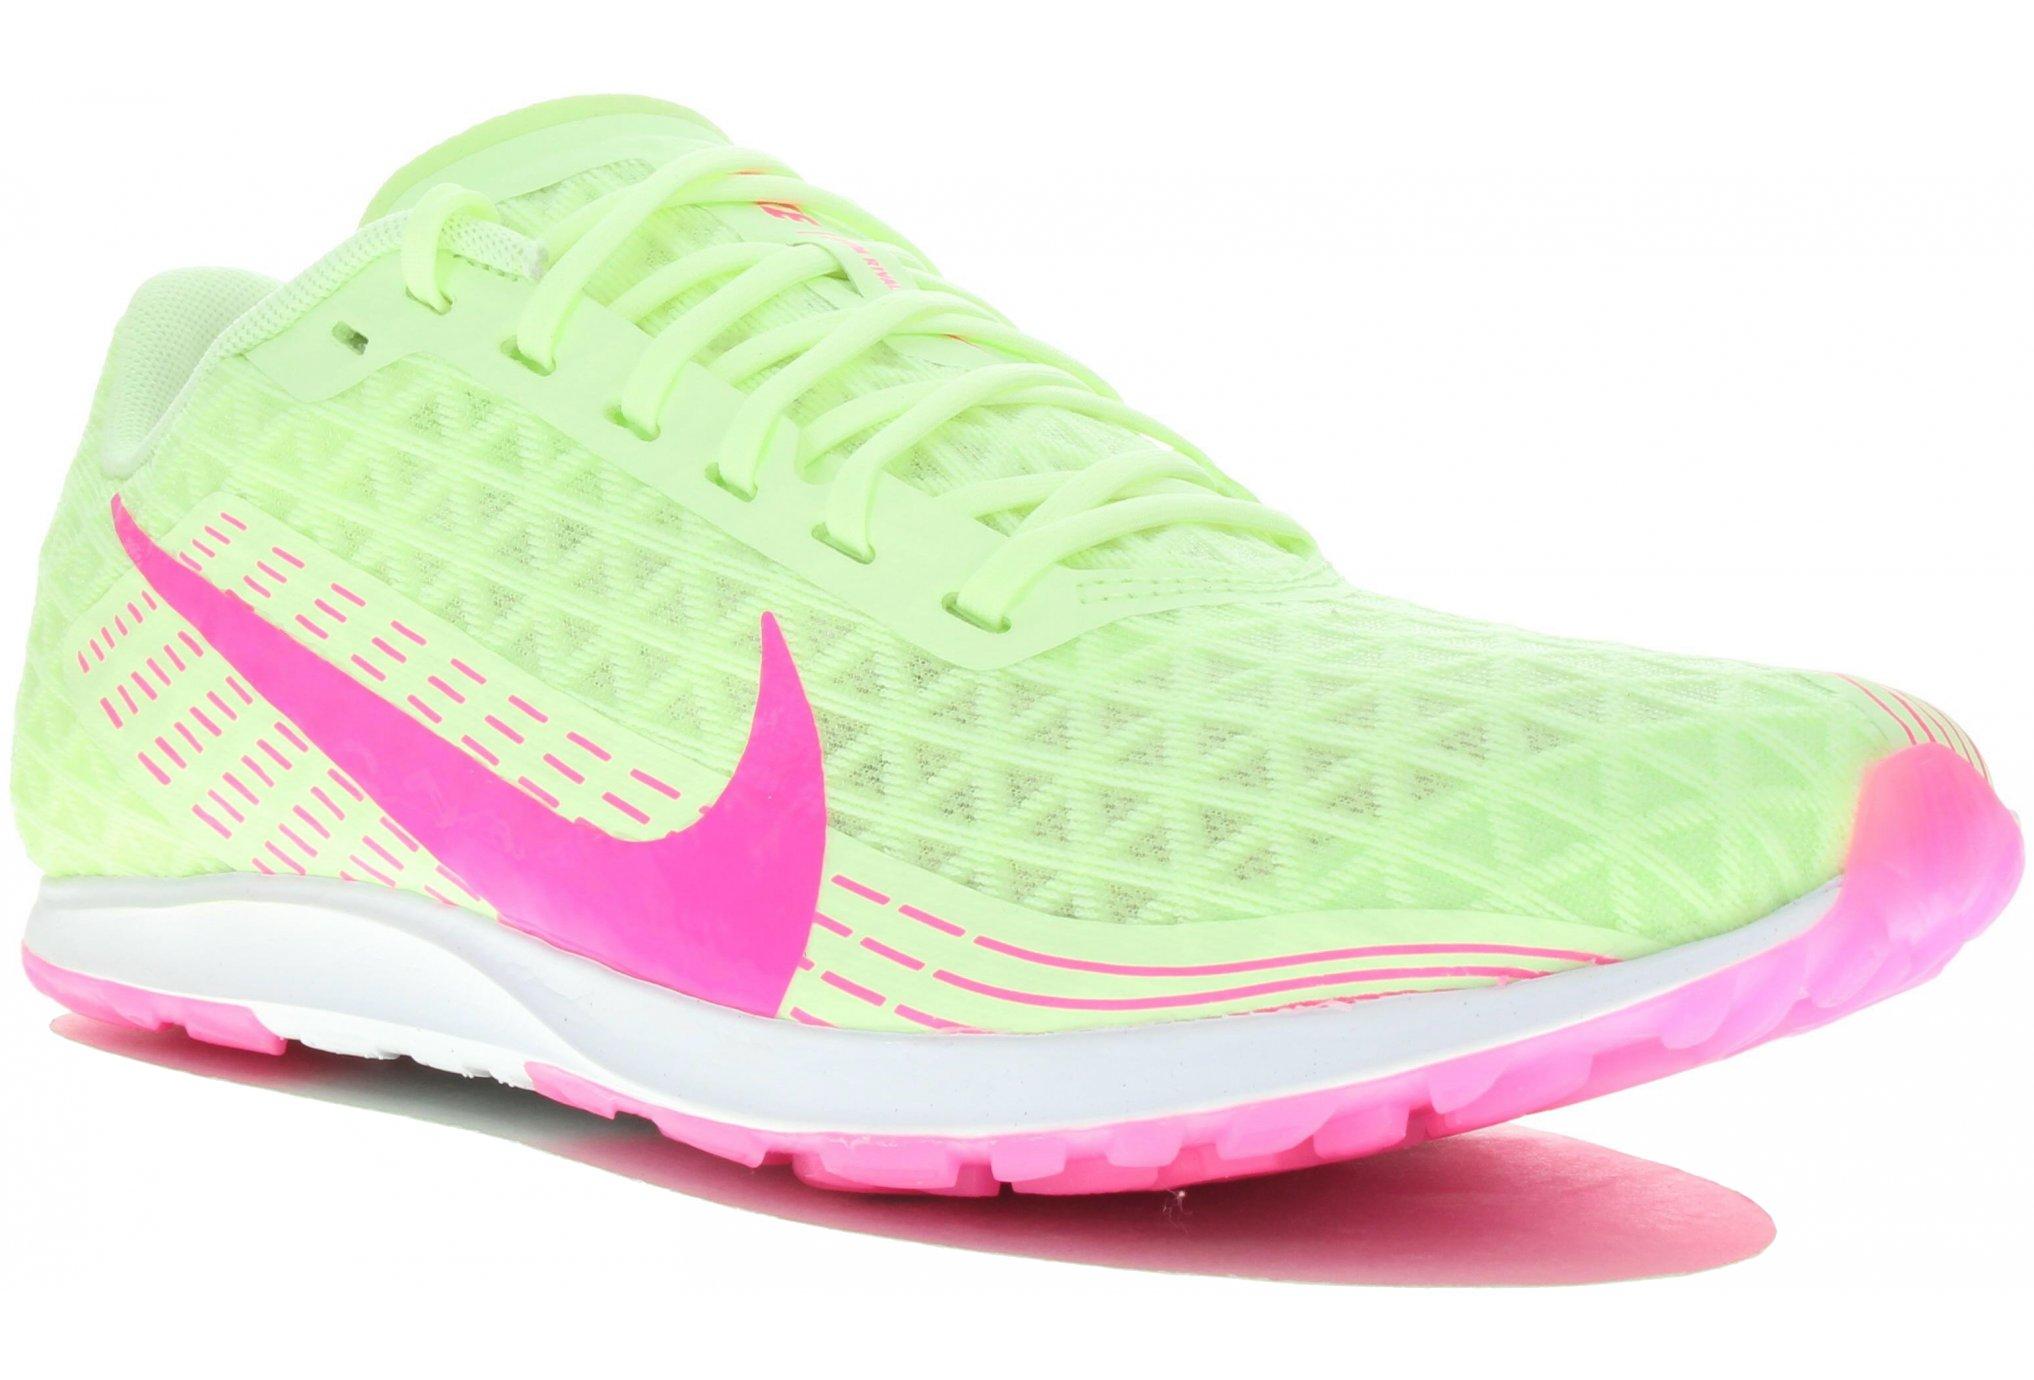 Nike Zoom Rival XC 2019 W Diététique Chaussures femme